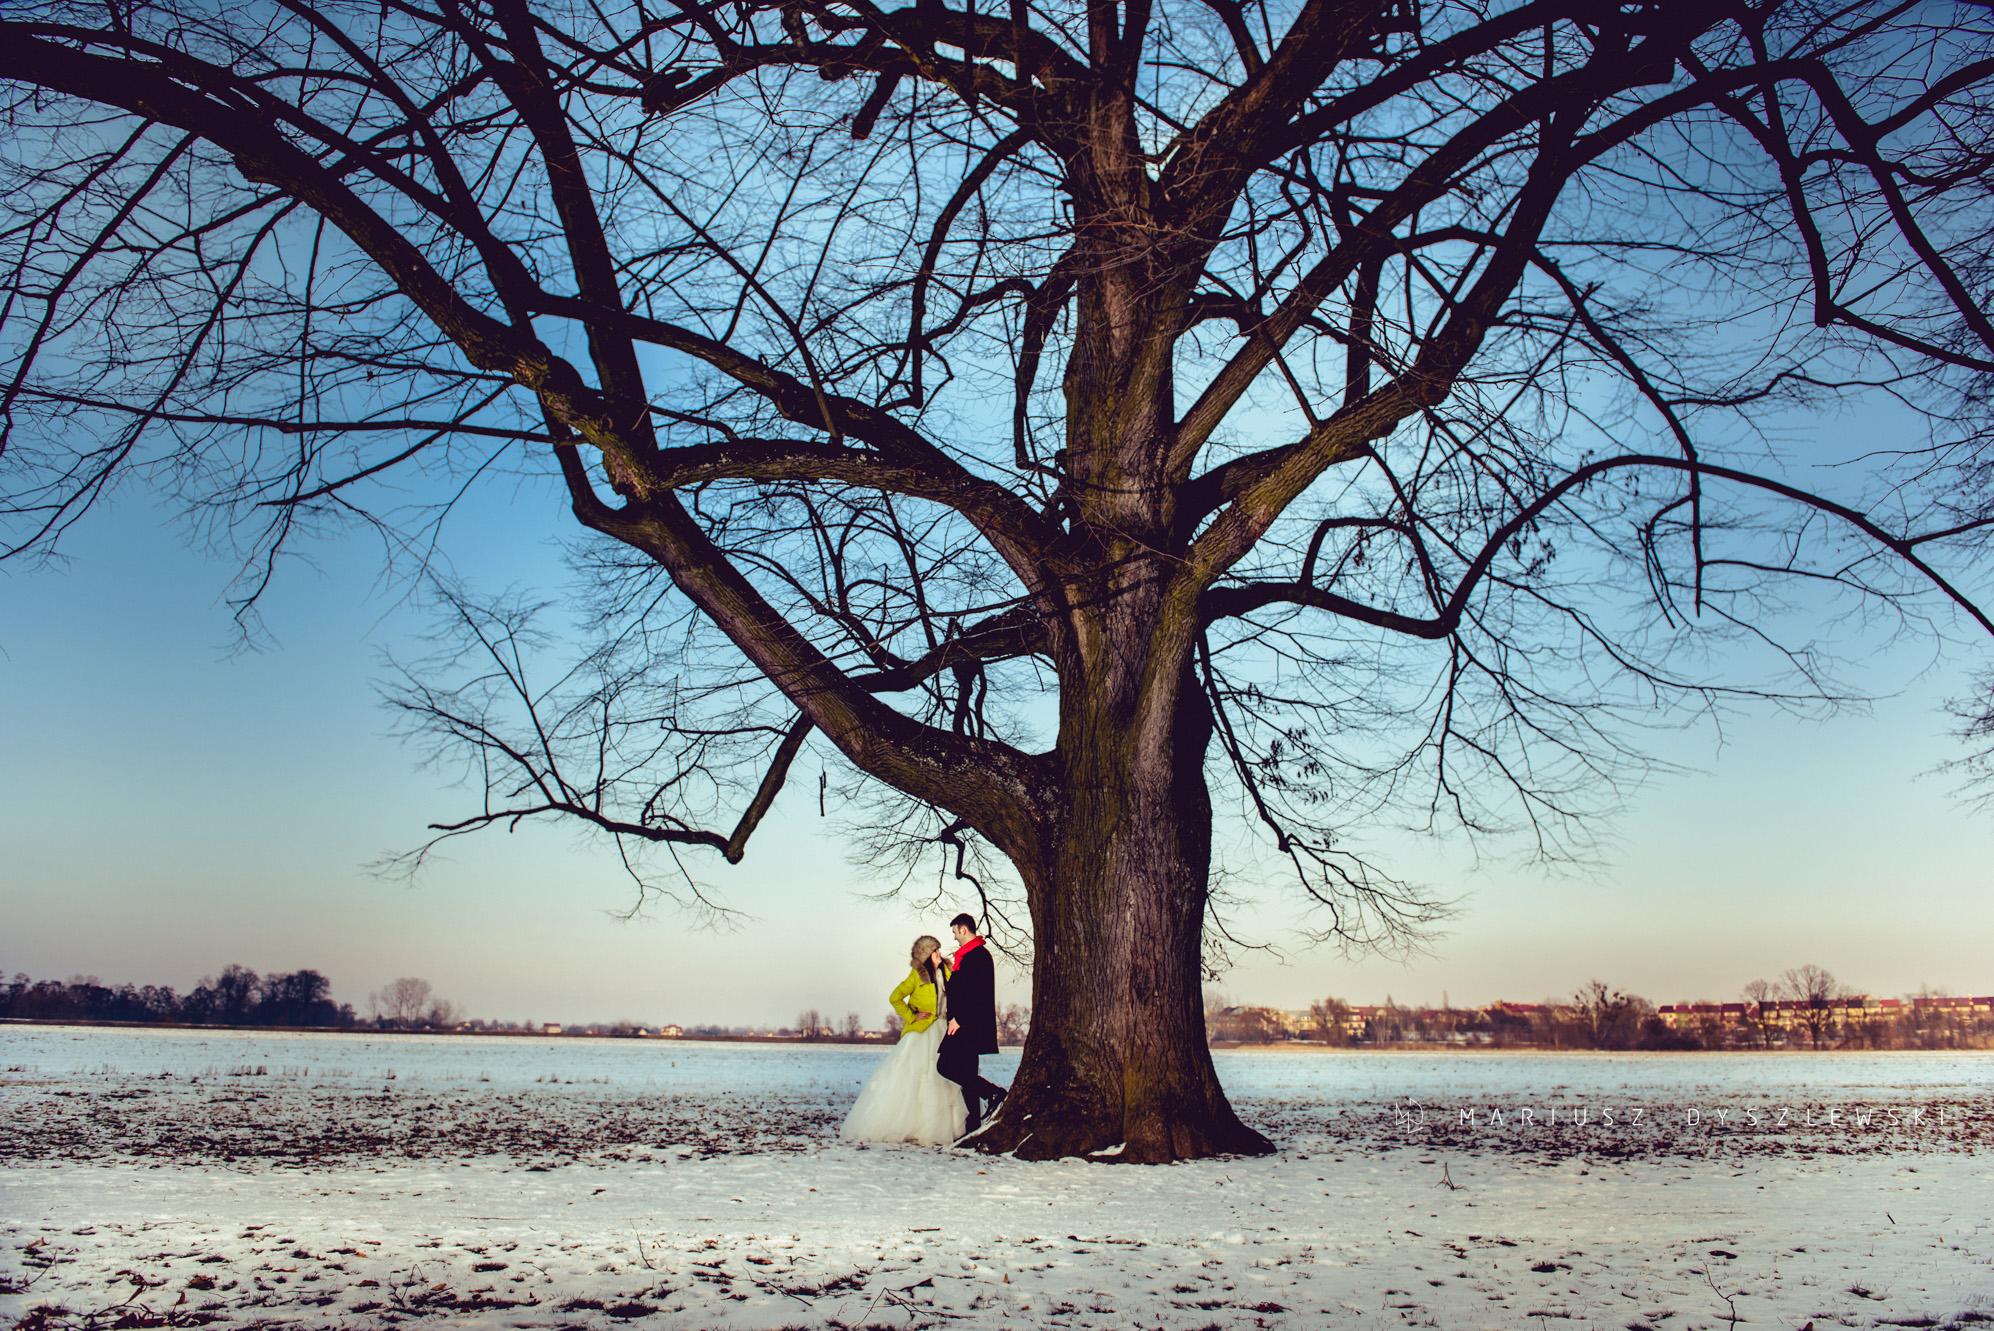 sesja_zimowa_mariusz_dyszlewski_fotograf (10)